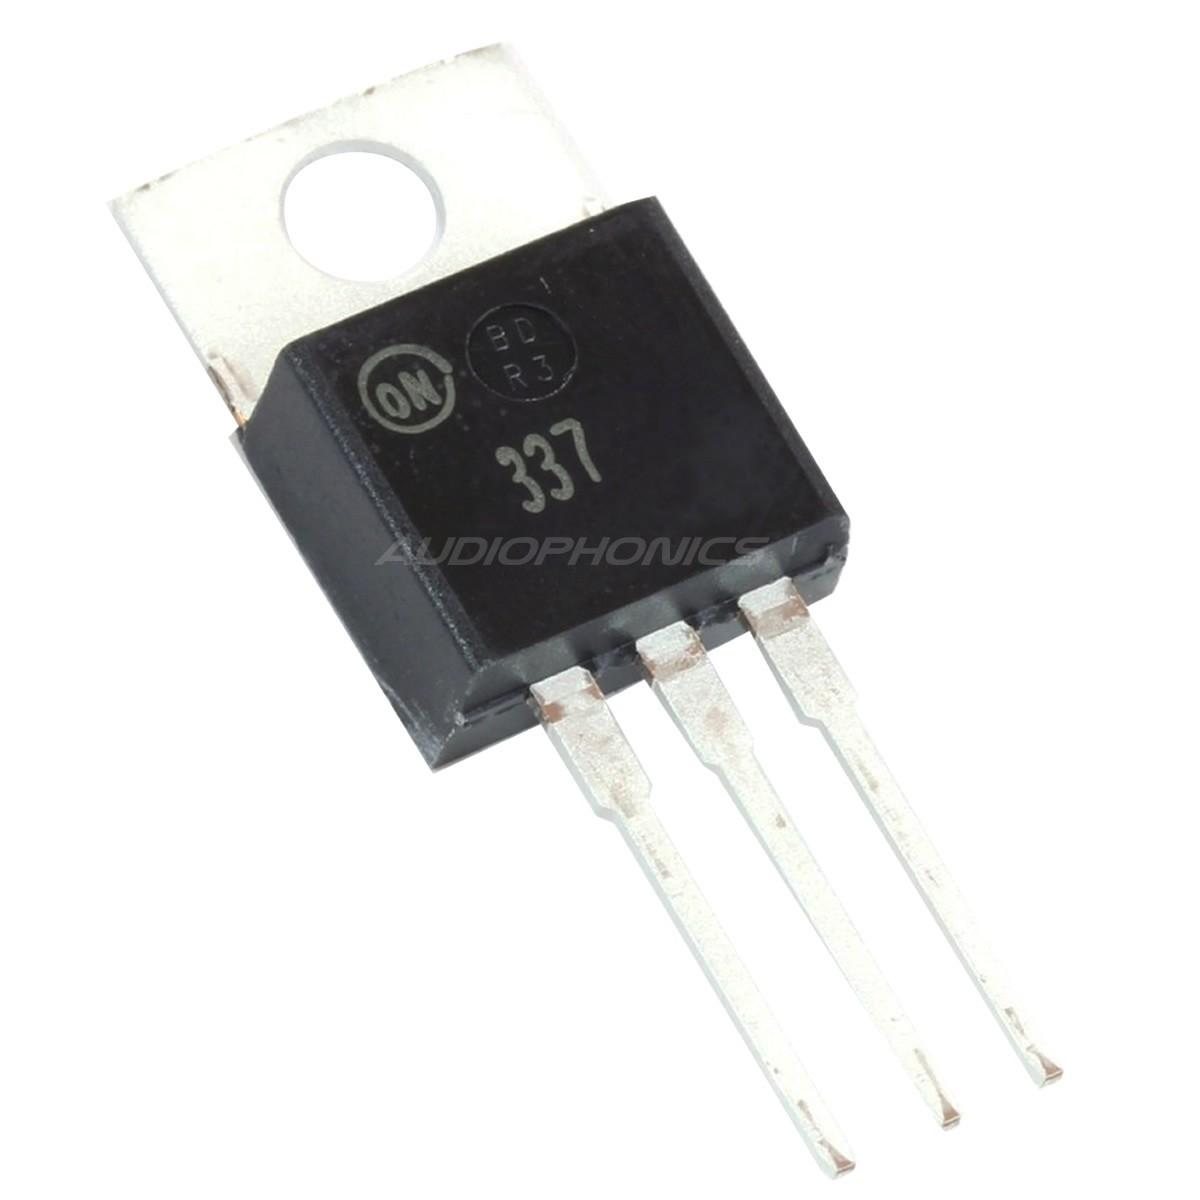 ON LM337 Voltage Regulator -1.2V -37V 1.5A